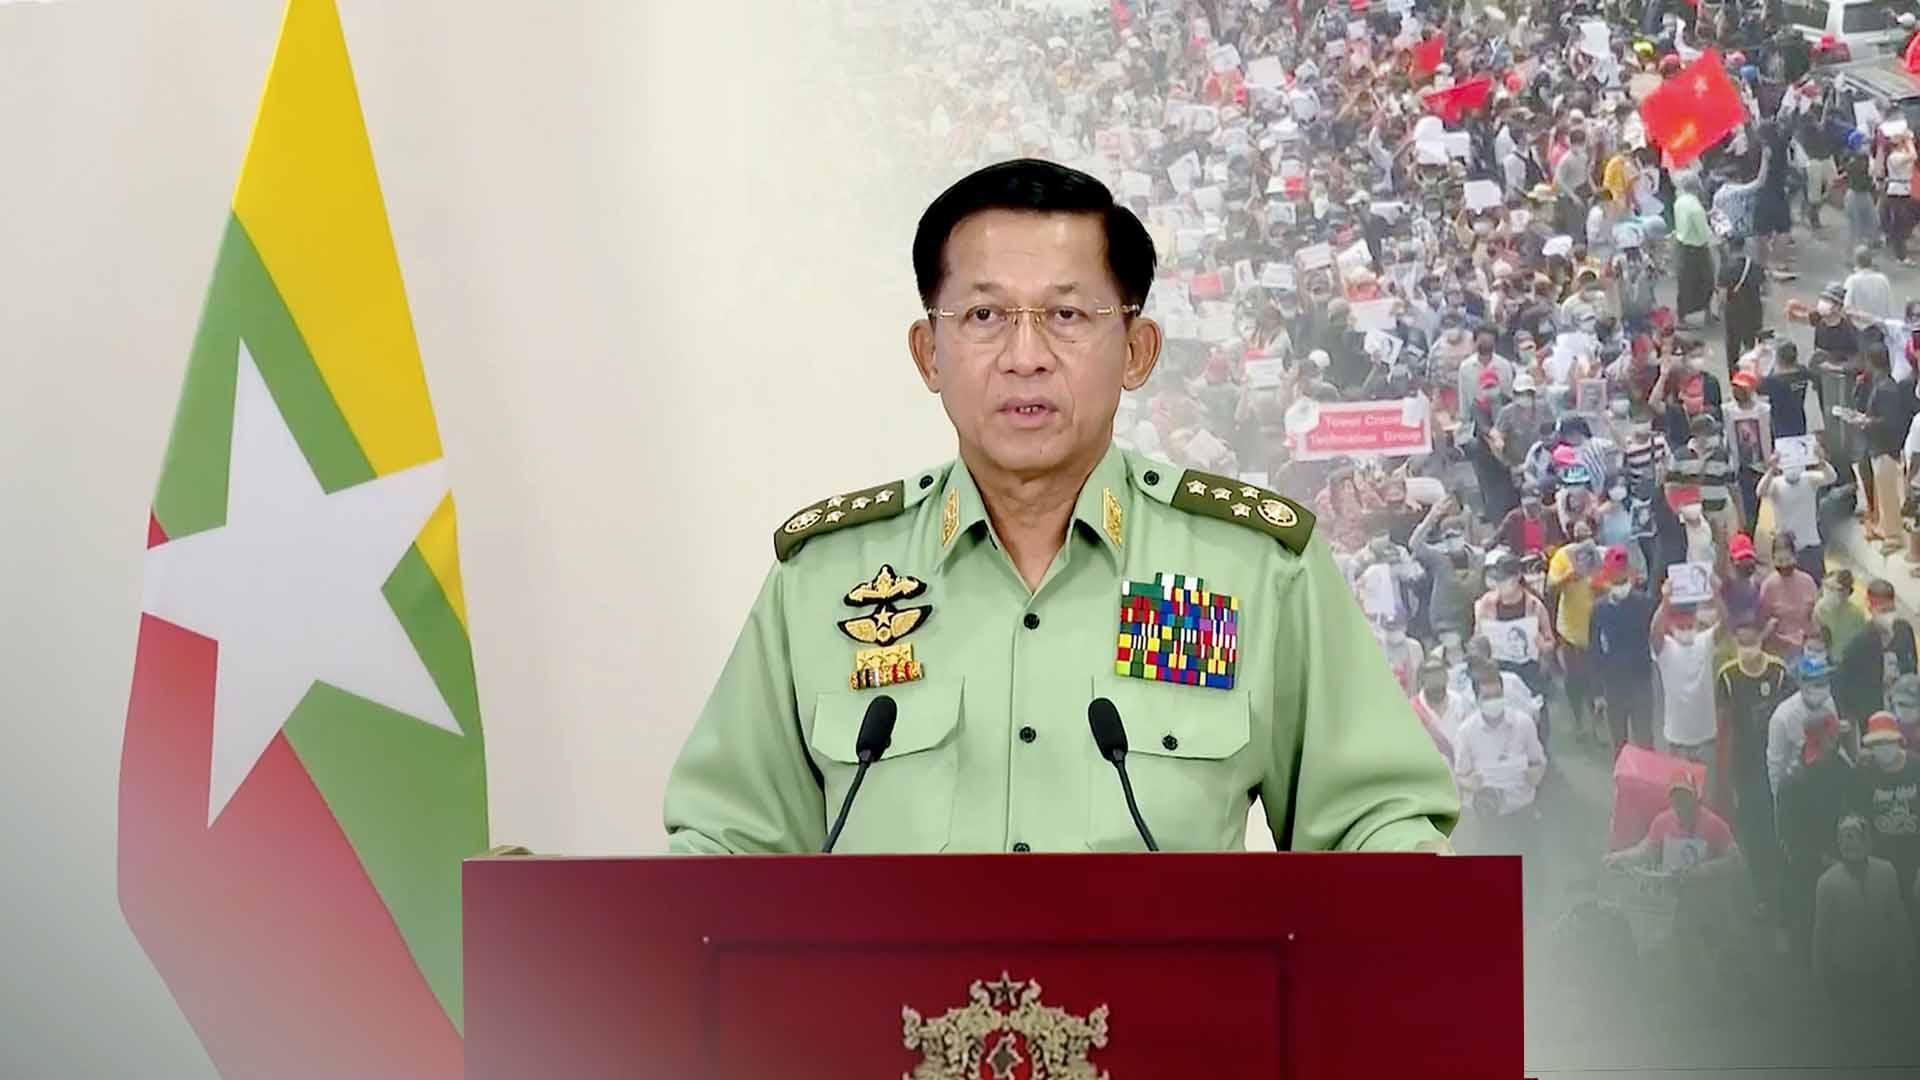 미얀마 군정은 국제사회 왕따?…아세안도 등 돌려